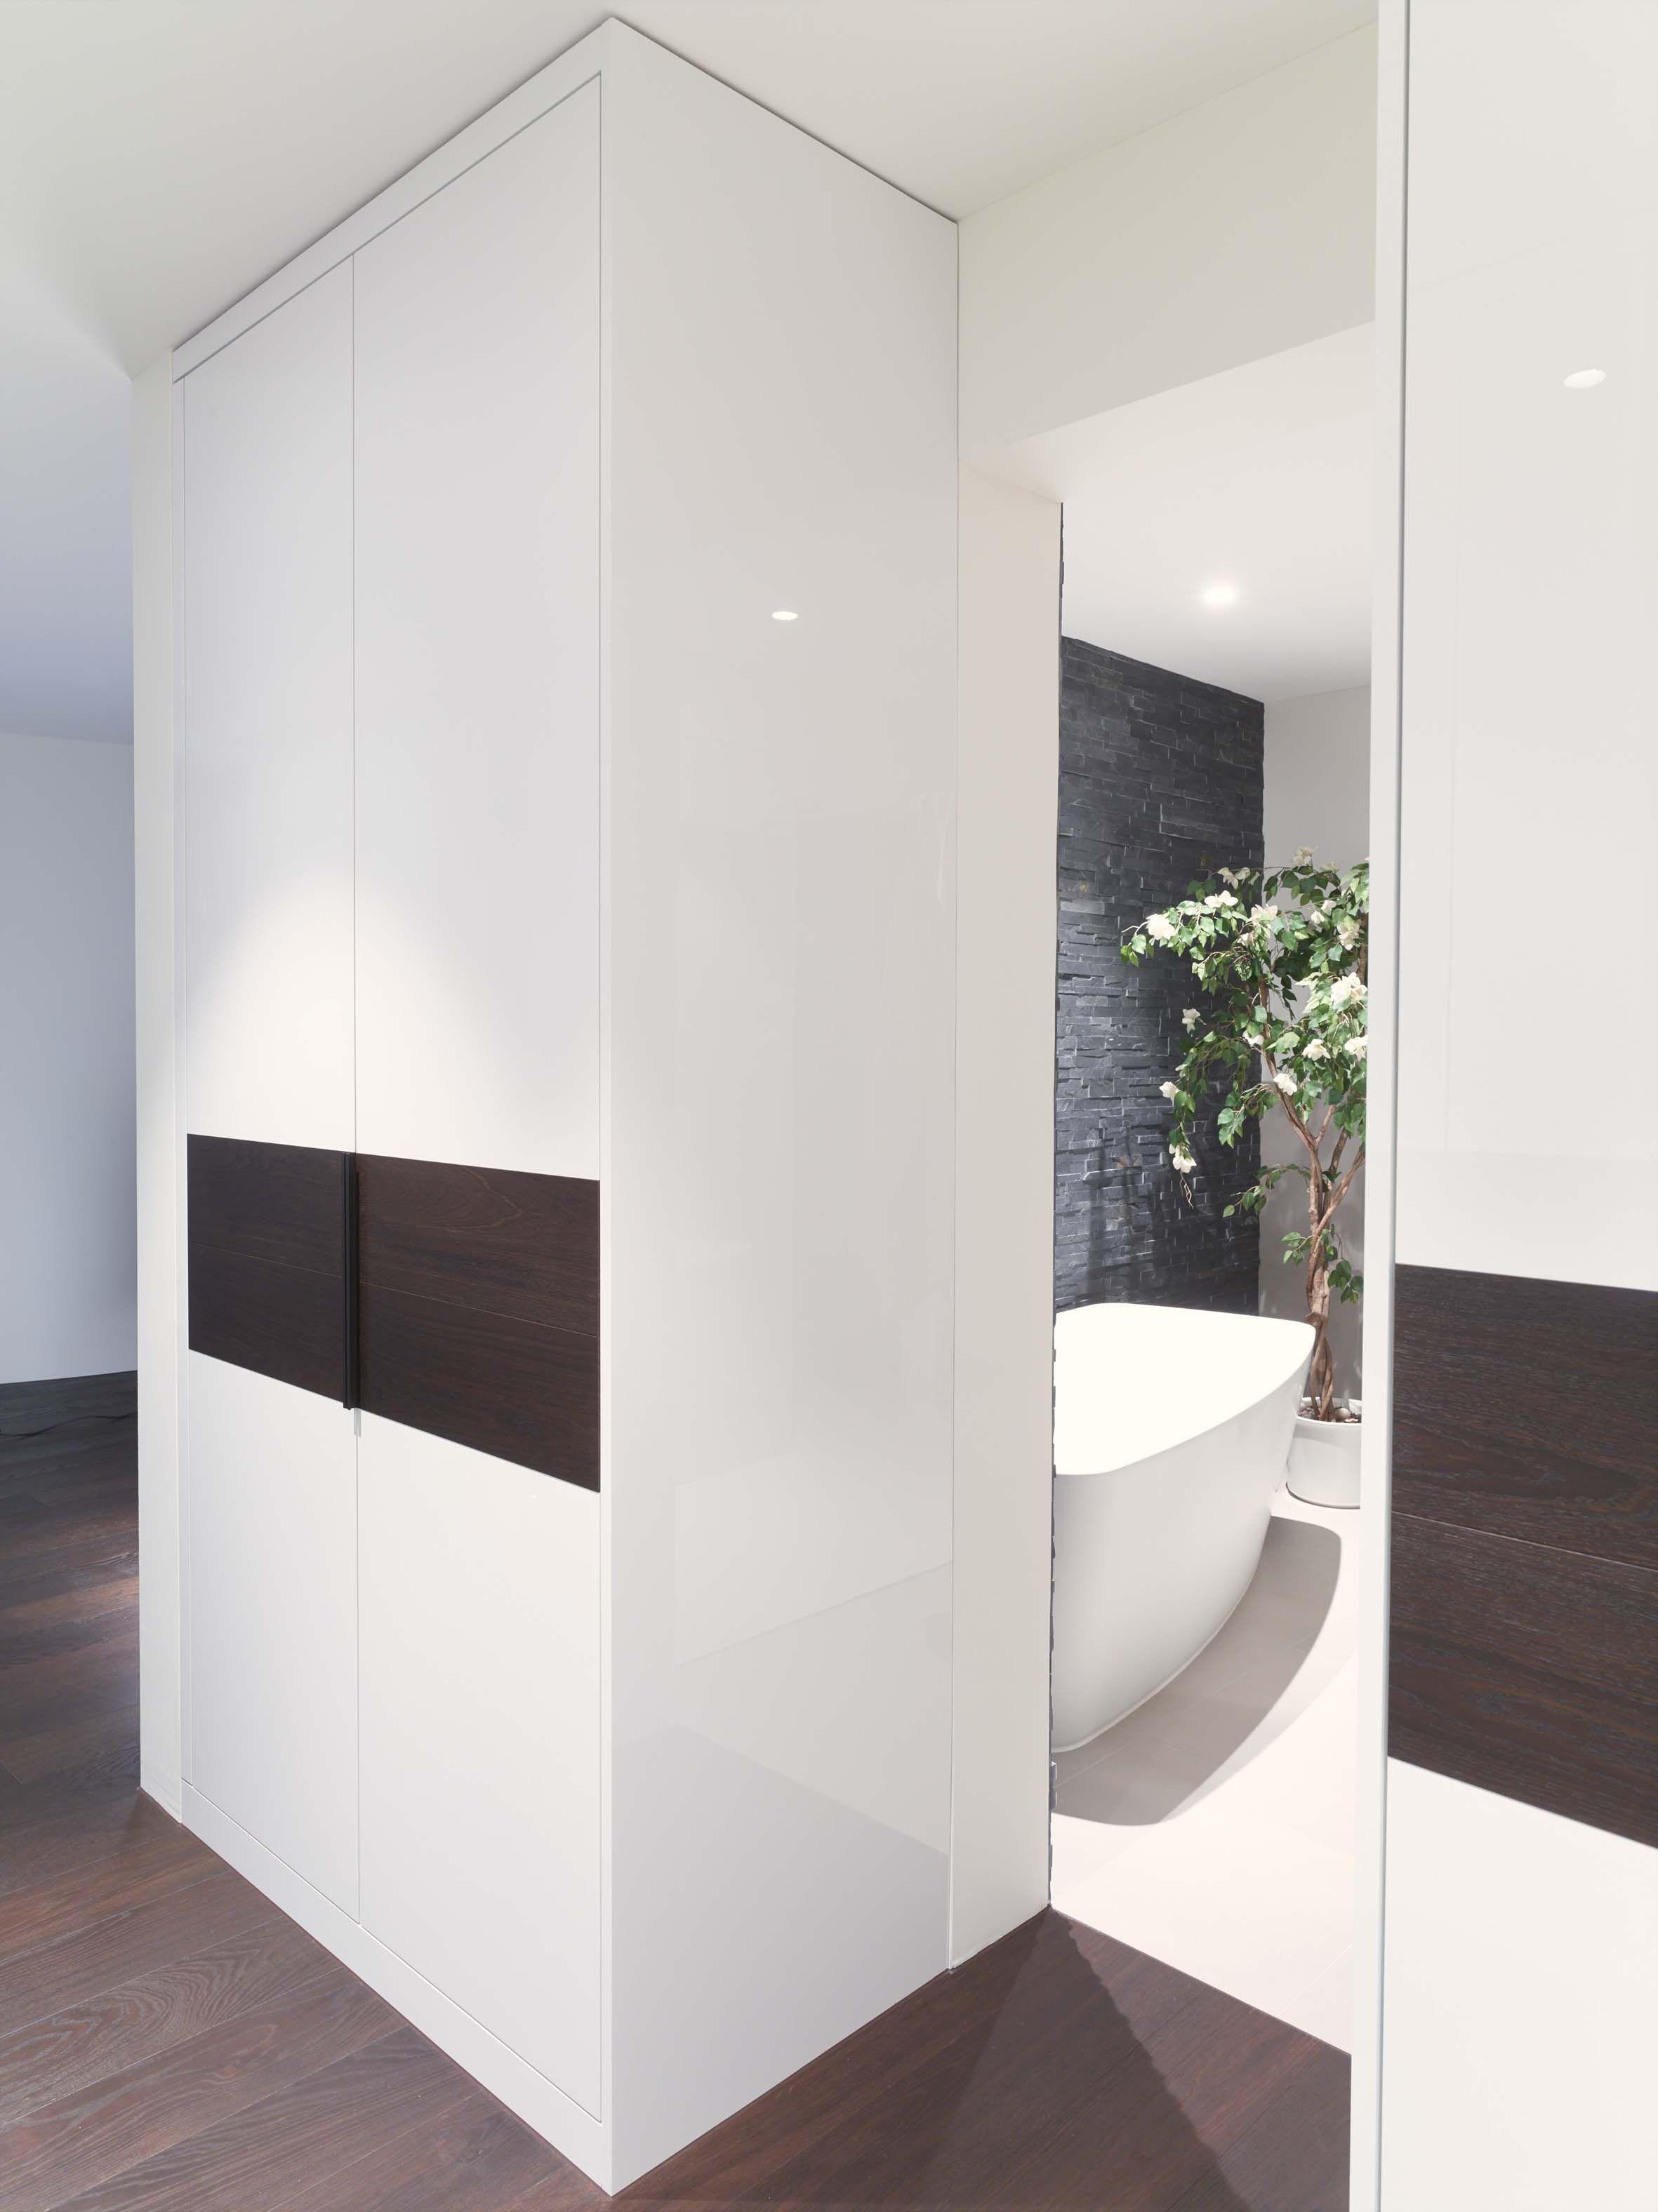 Einbauschränke mit Durchgang zum Badezimmer / 16x Sichtseiten